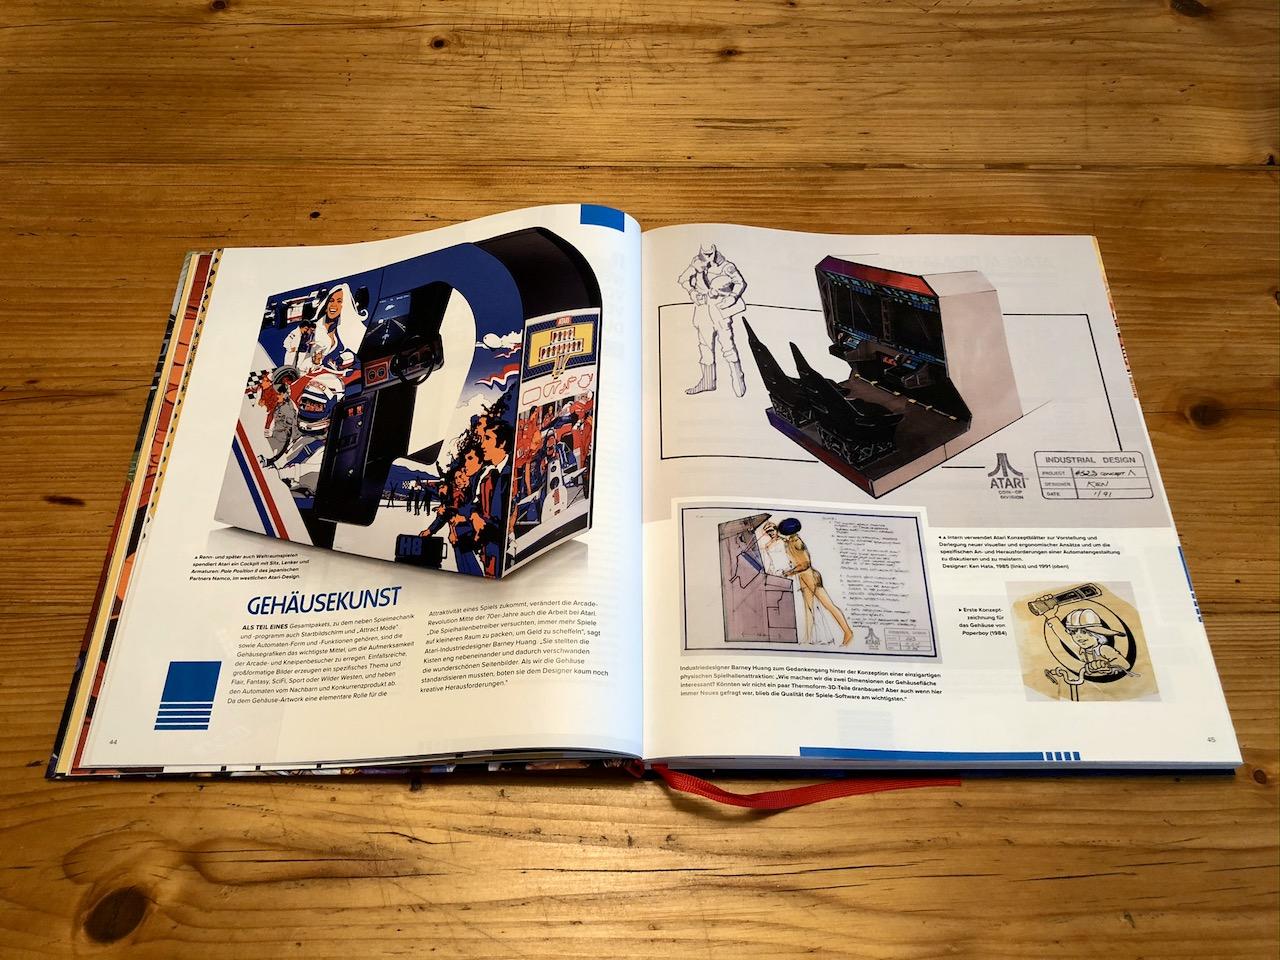 """Im Abschnitt """"Gehäusekunst"""" widmet sich das Buch der Schönheit und Faszination der Arcade-Automaten. (Bild: André Eymann)"""